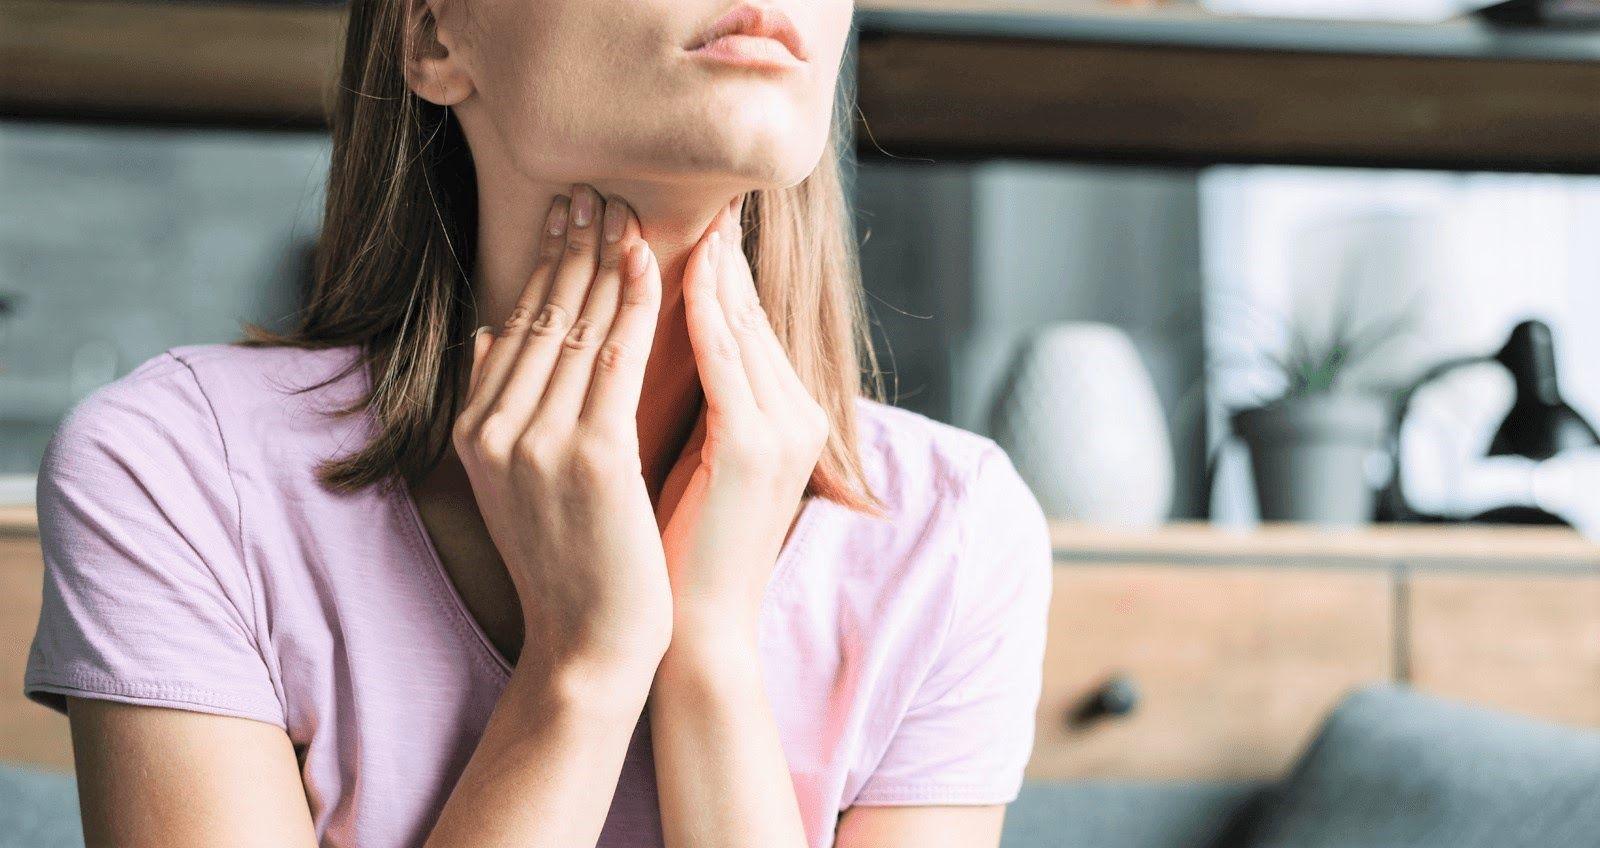 Xuất hiện hạch cổ là triệu chứng sớm của bệnh ung thư tuyến giáp